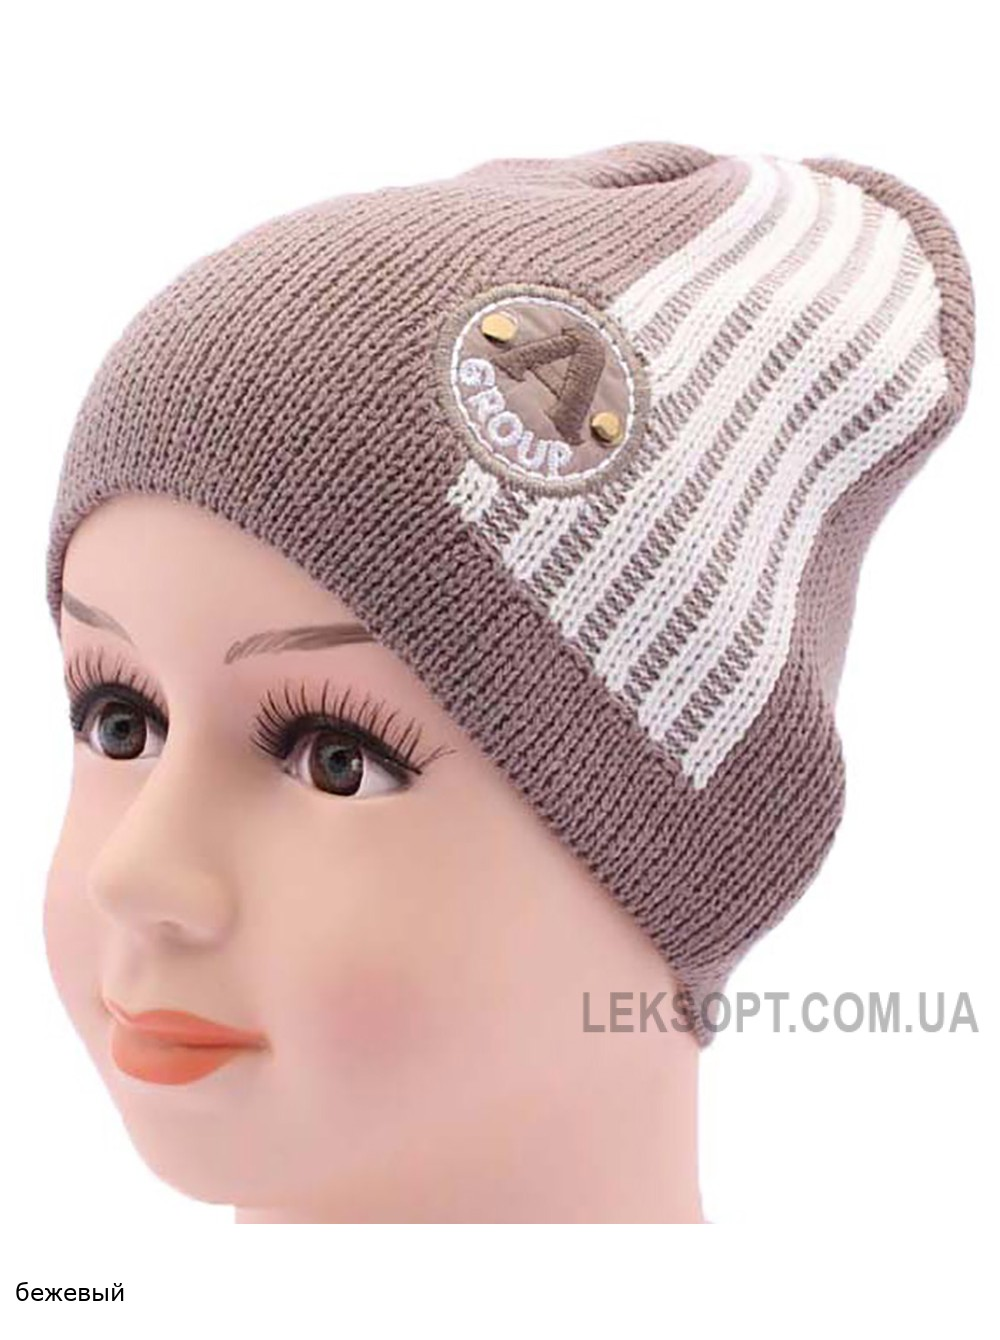 Детская вязаная шапка DV1017-44-48